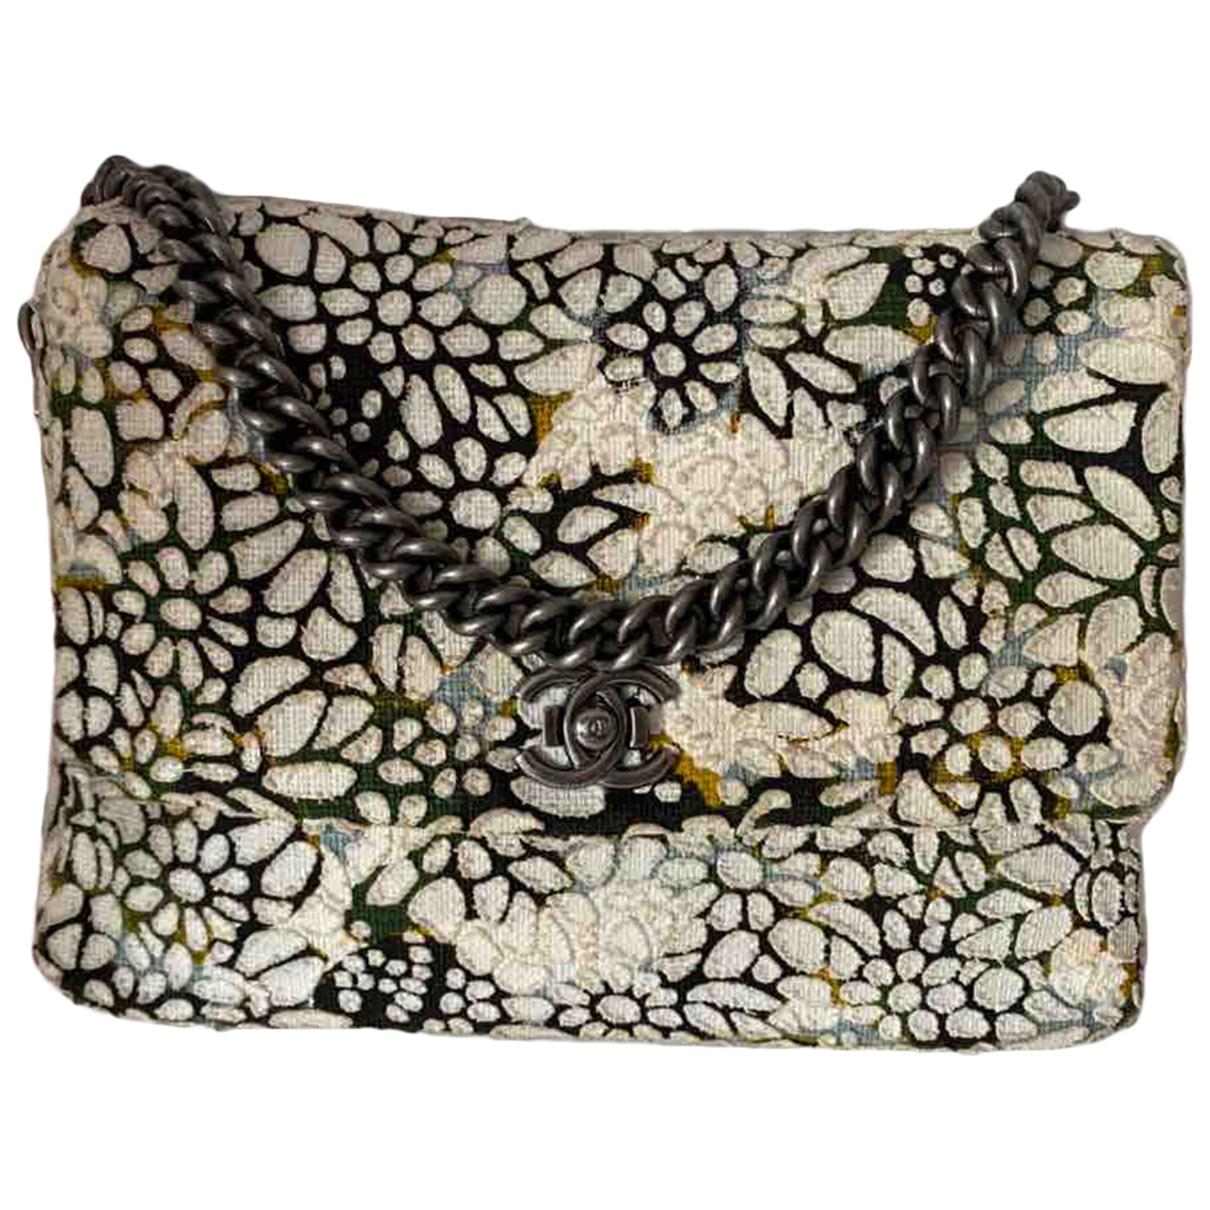 Chanel \N Handtasche in  Weiss Baumwolle